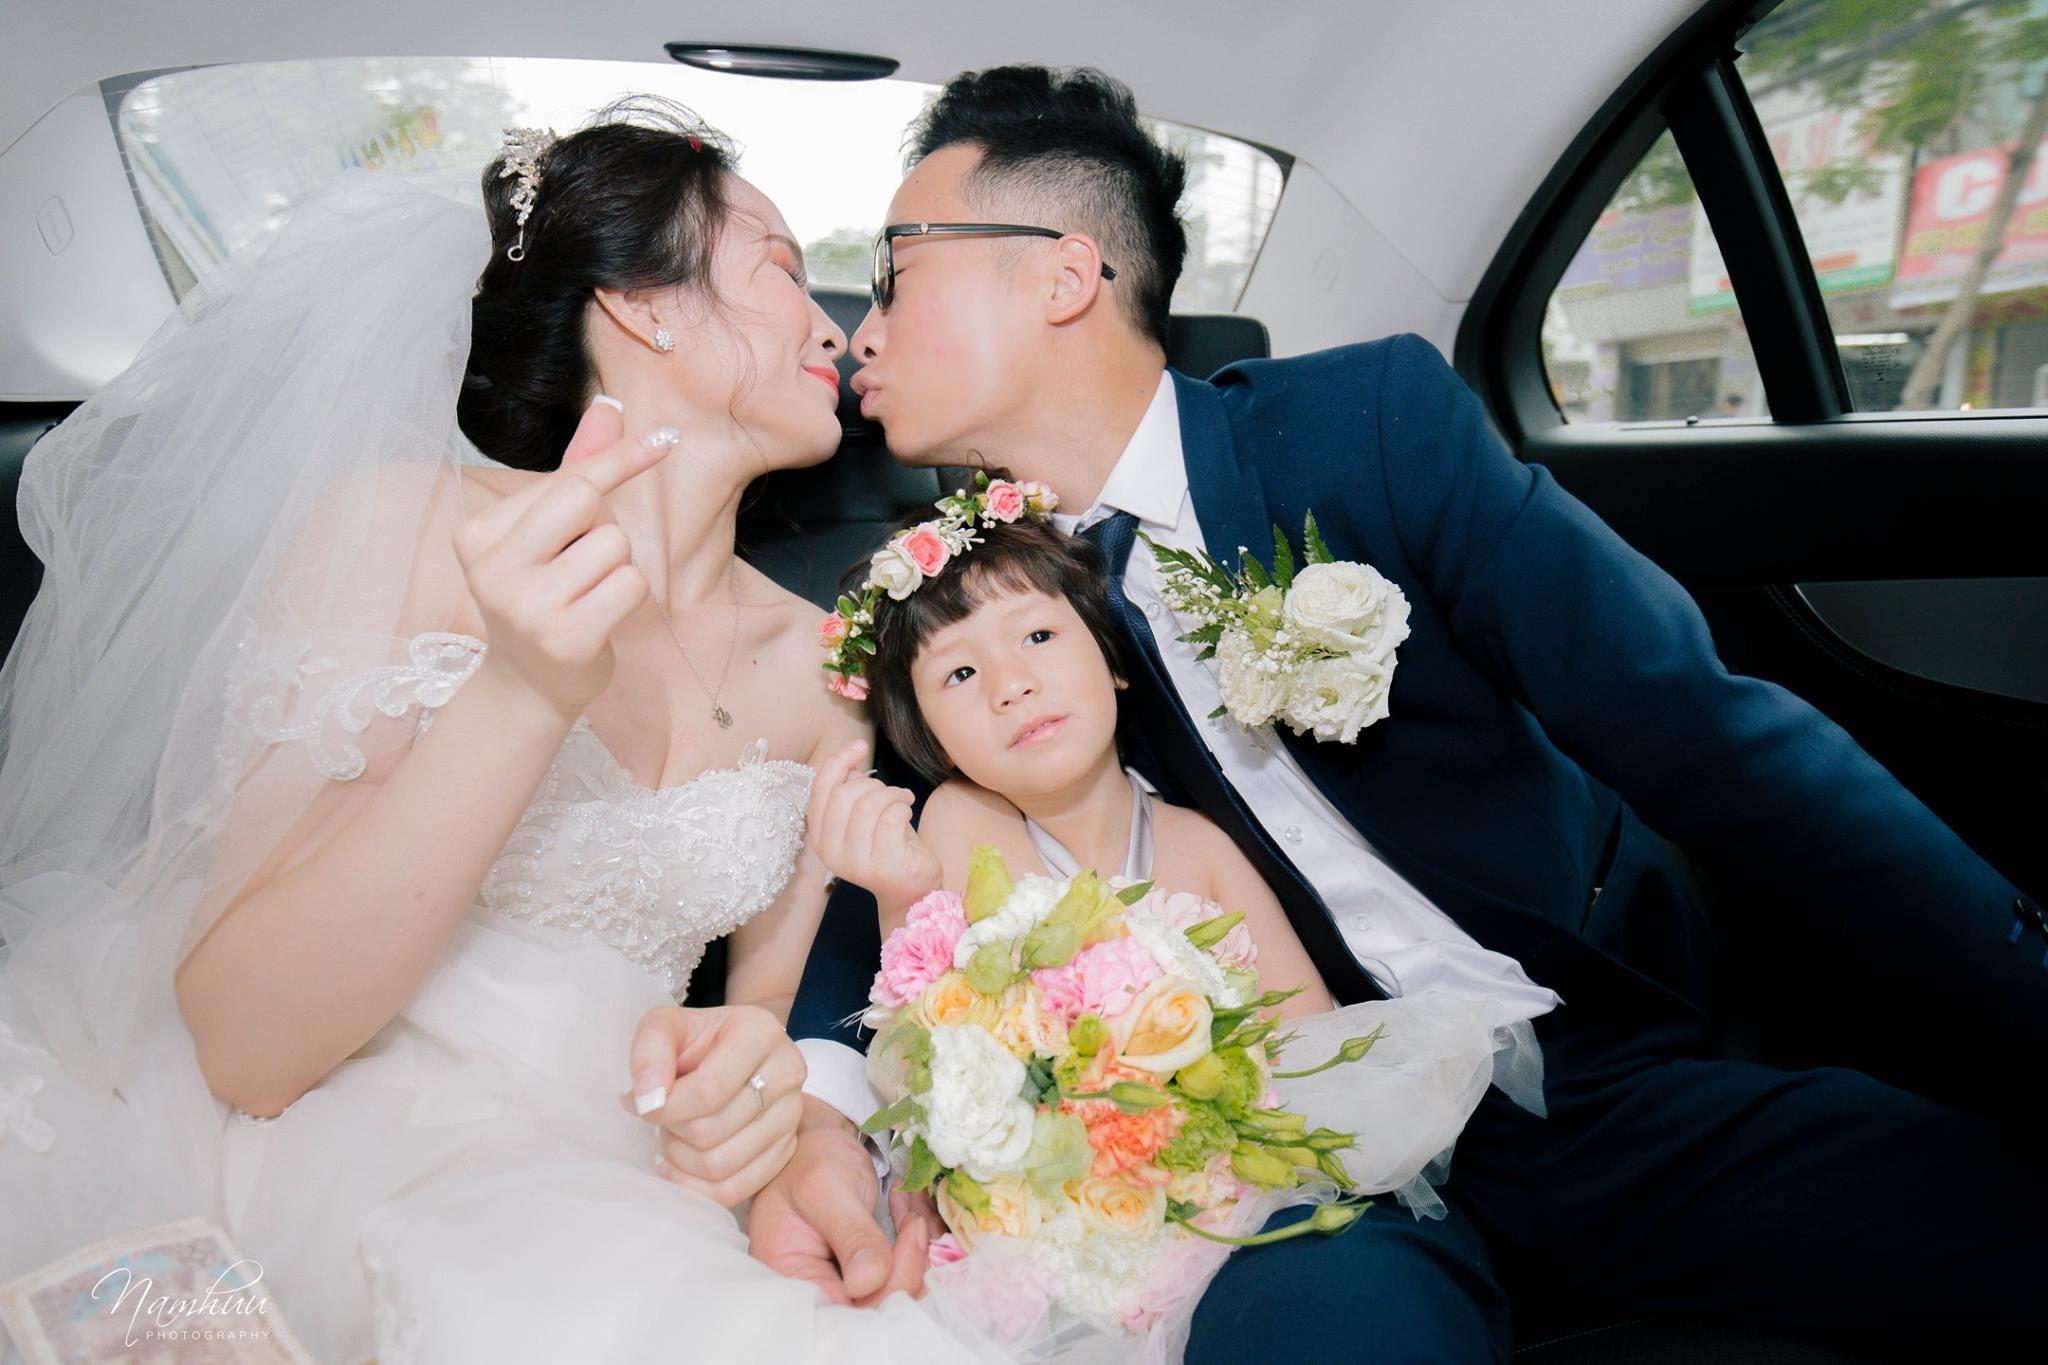 Cô dâu chú rế hôn nhau trong bức hình với em bé phù dâu mặt đầy cảm xúc ngồi giữa